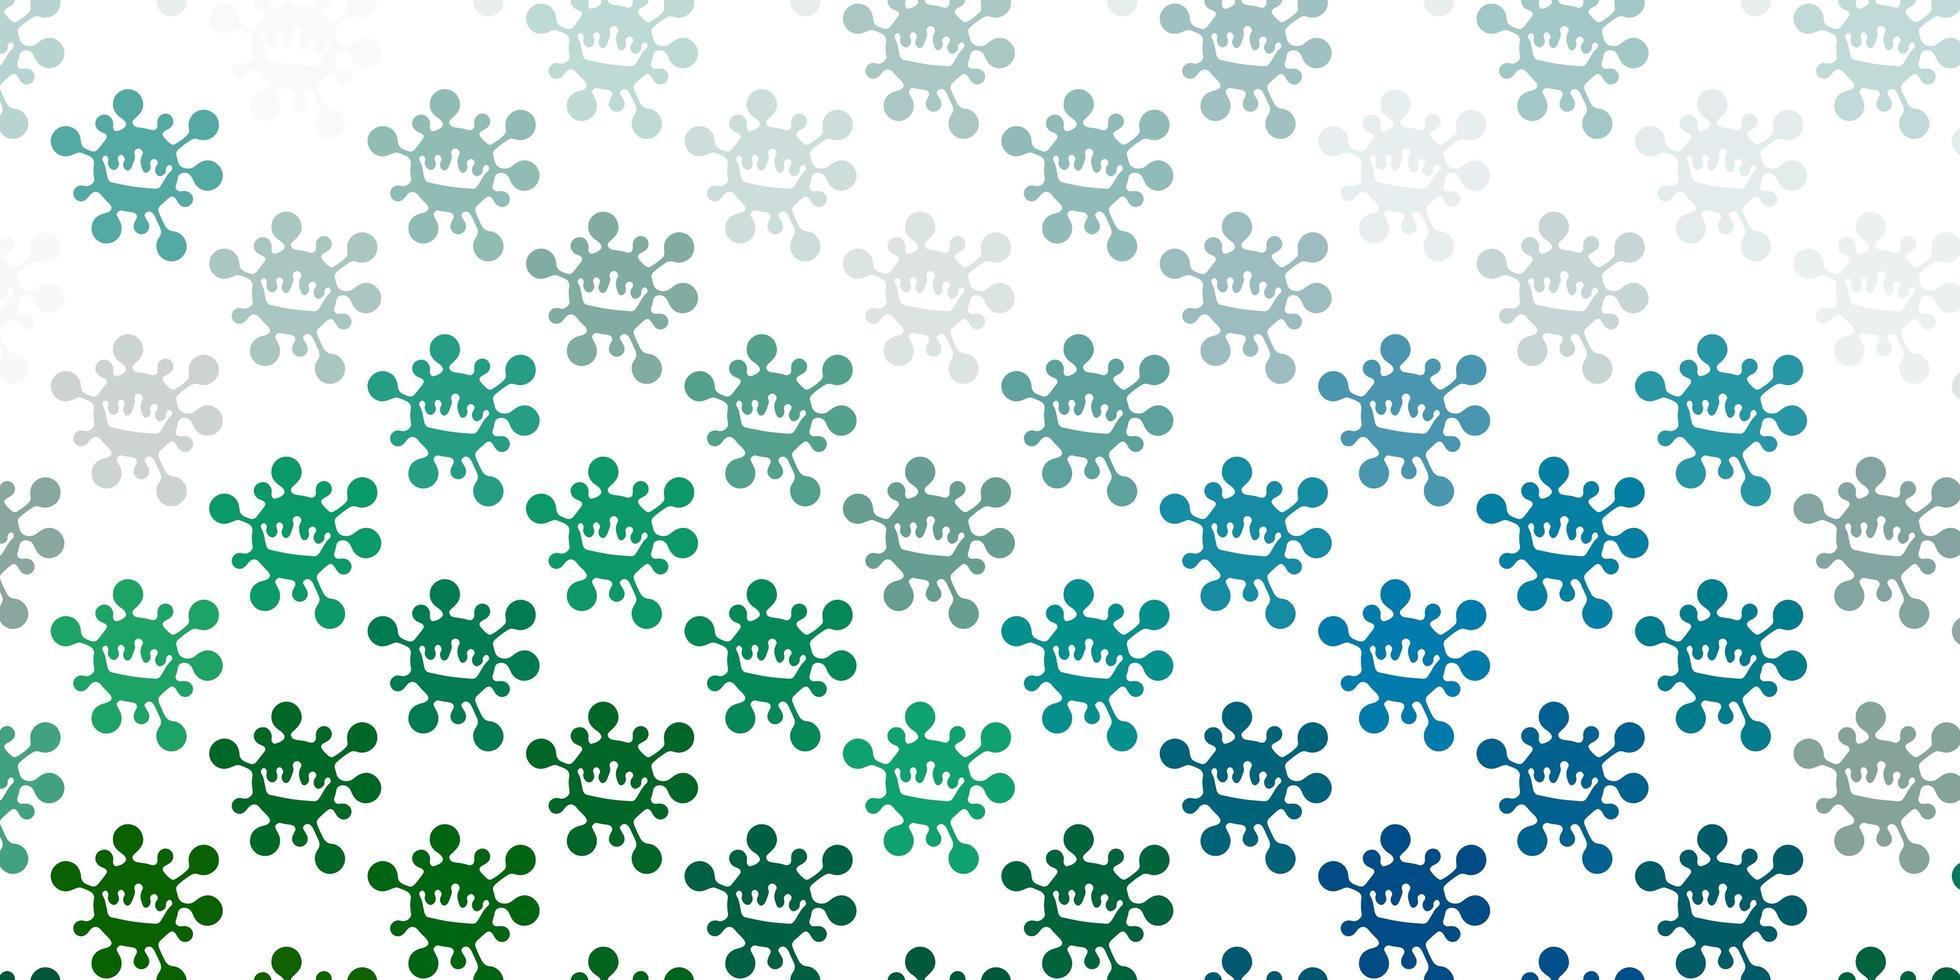 sfondo verde chiaro con simboli di virus. vettore